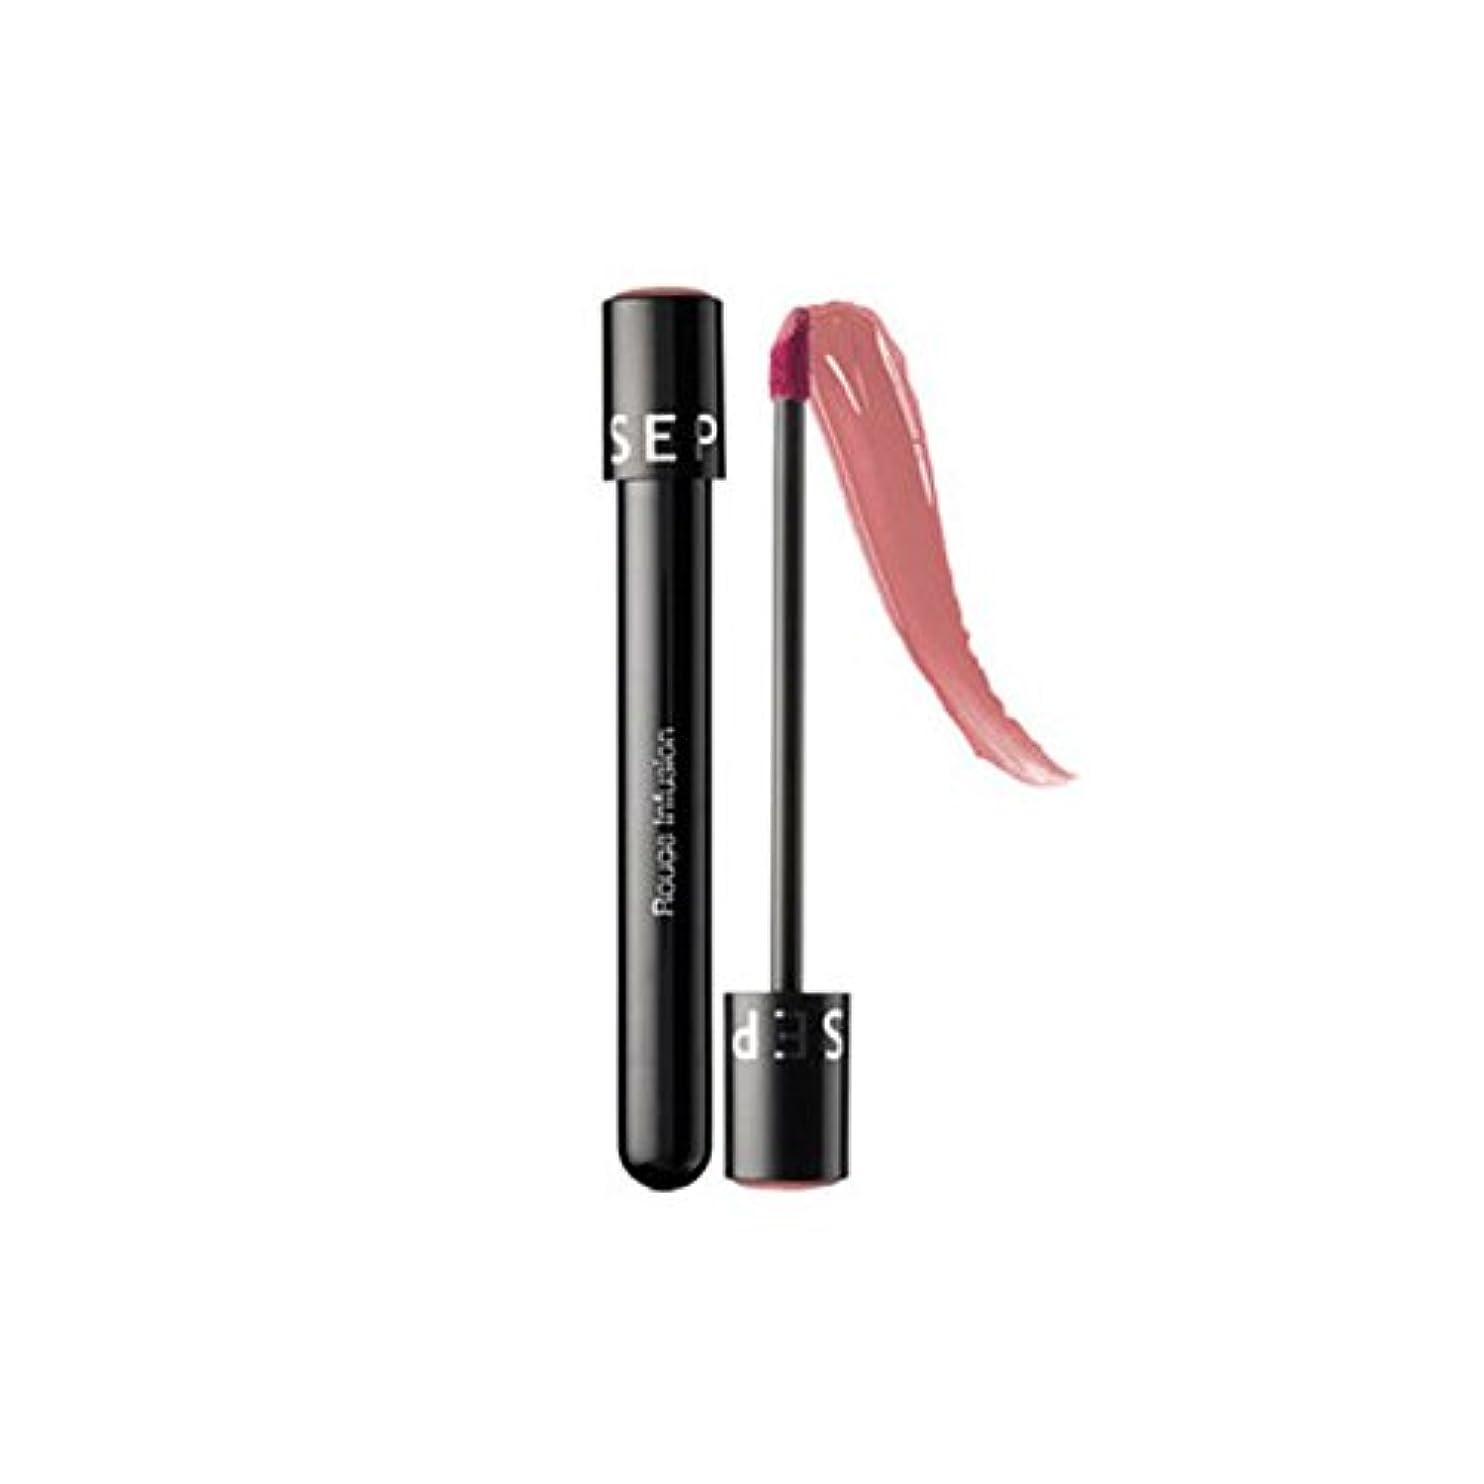 要求聖なる用量SEPHORA COLLECTION ルージュリップステイン輸液- Rosebud, Rouge Infusion Lip Stain, 0.152 oz / 4.3g [並行輸入品] [海外直送品]